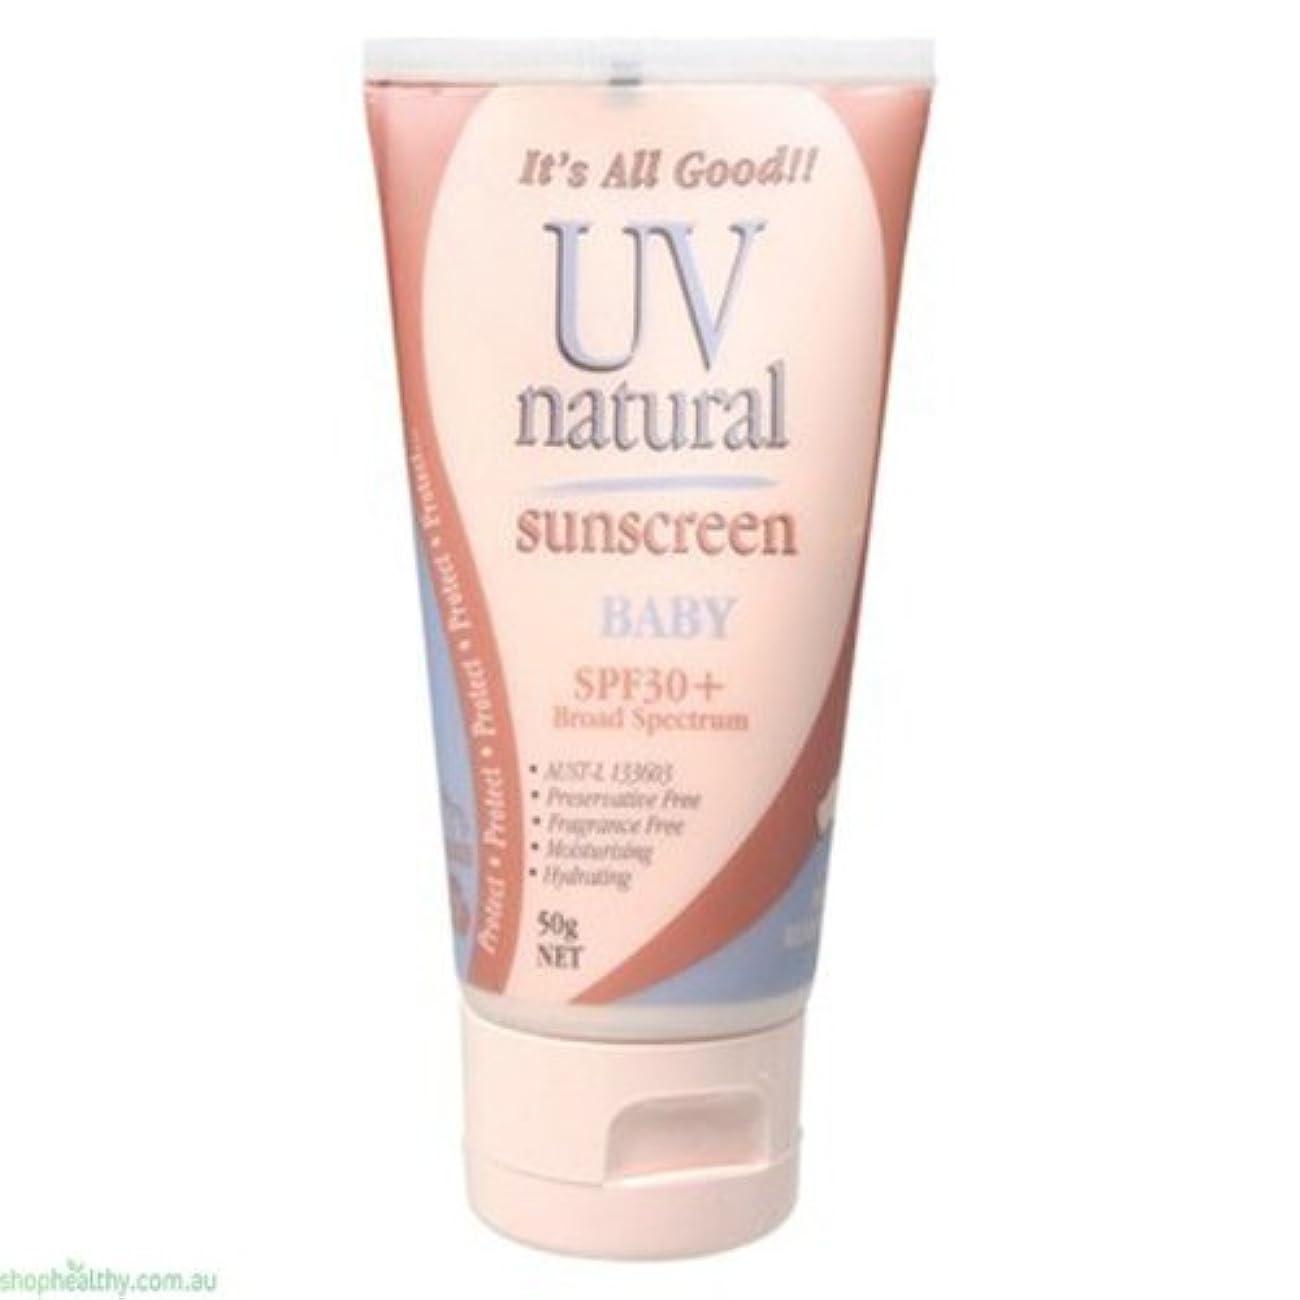 アシスタント民族主義プレミアム【UV NATURAL】Baby 日焼け止め Natural SPF30+ 50g 3本セット